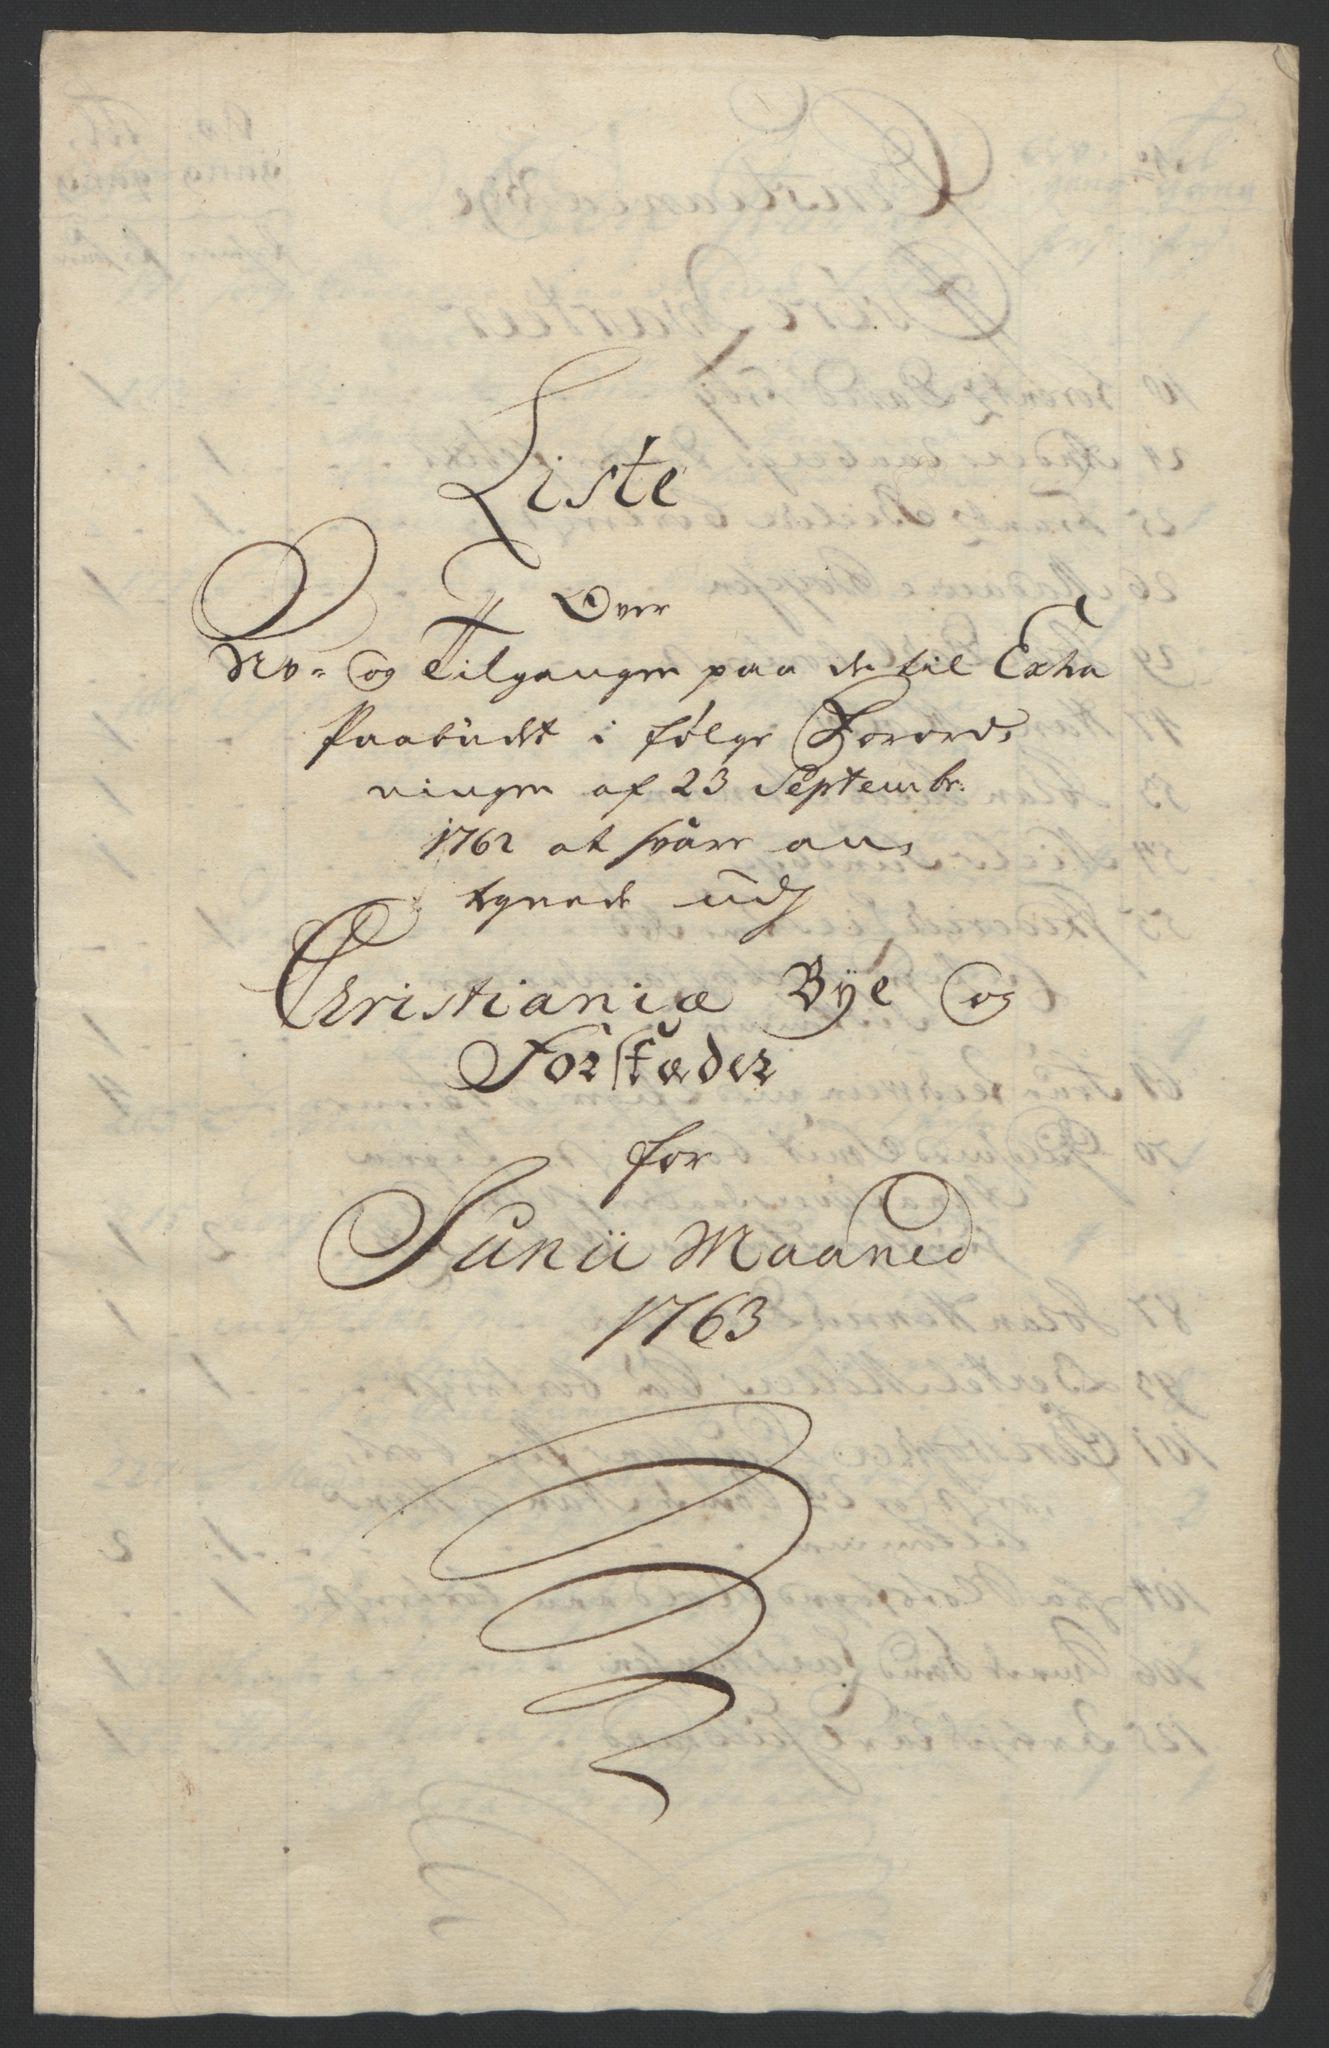 RA, Rentekammeret inntil 1814, Reviderte regnskaper, Byregnskaper, R/Re/L0072: [E13] Kontribusjonsregnskap, 1763-1764, s. 133